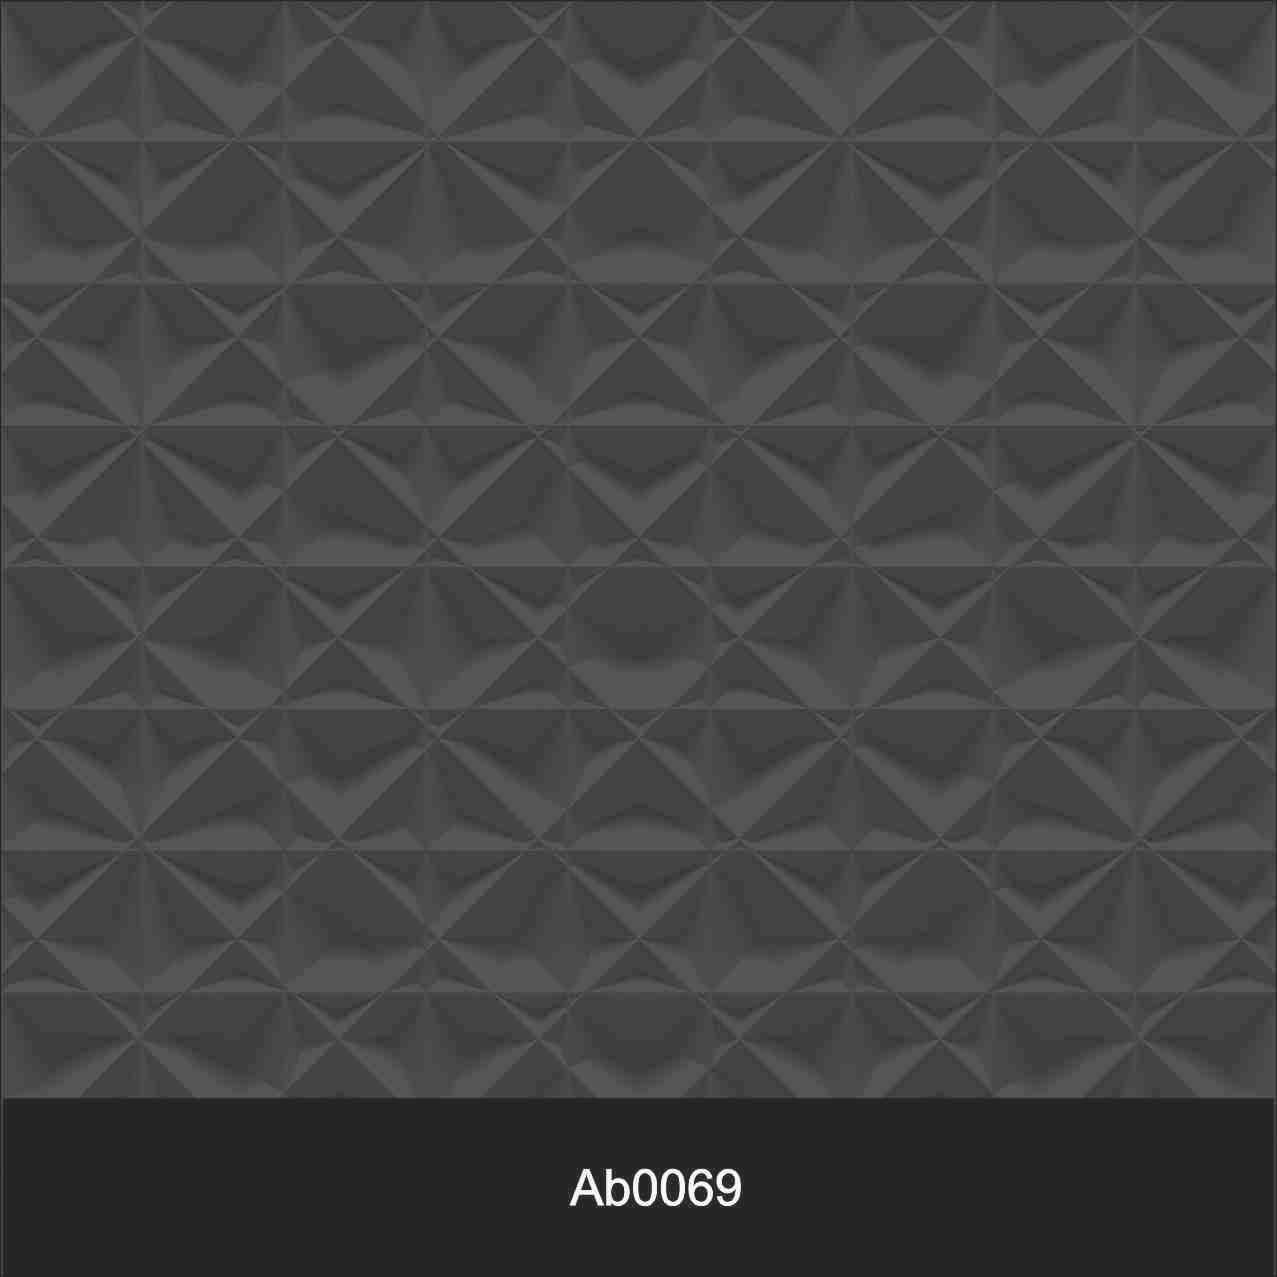 Papel de Parede Auto Adesivo Lavável Abstrato ab0069 Revestimento 3d Escuro  - Final Decor